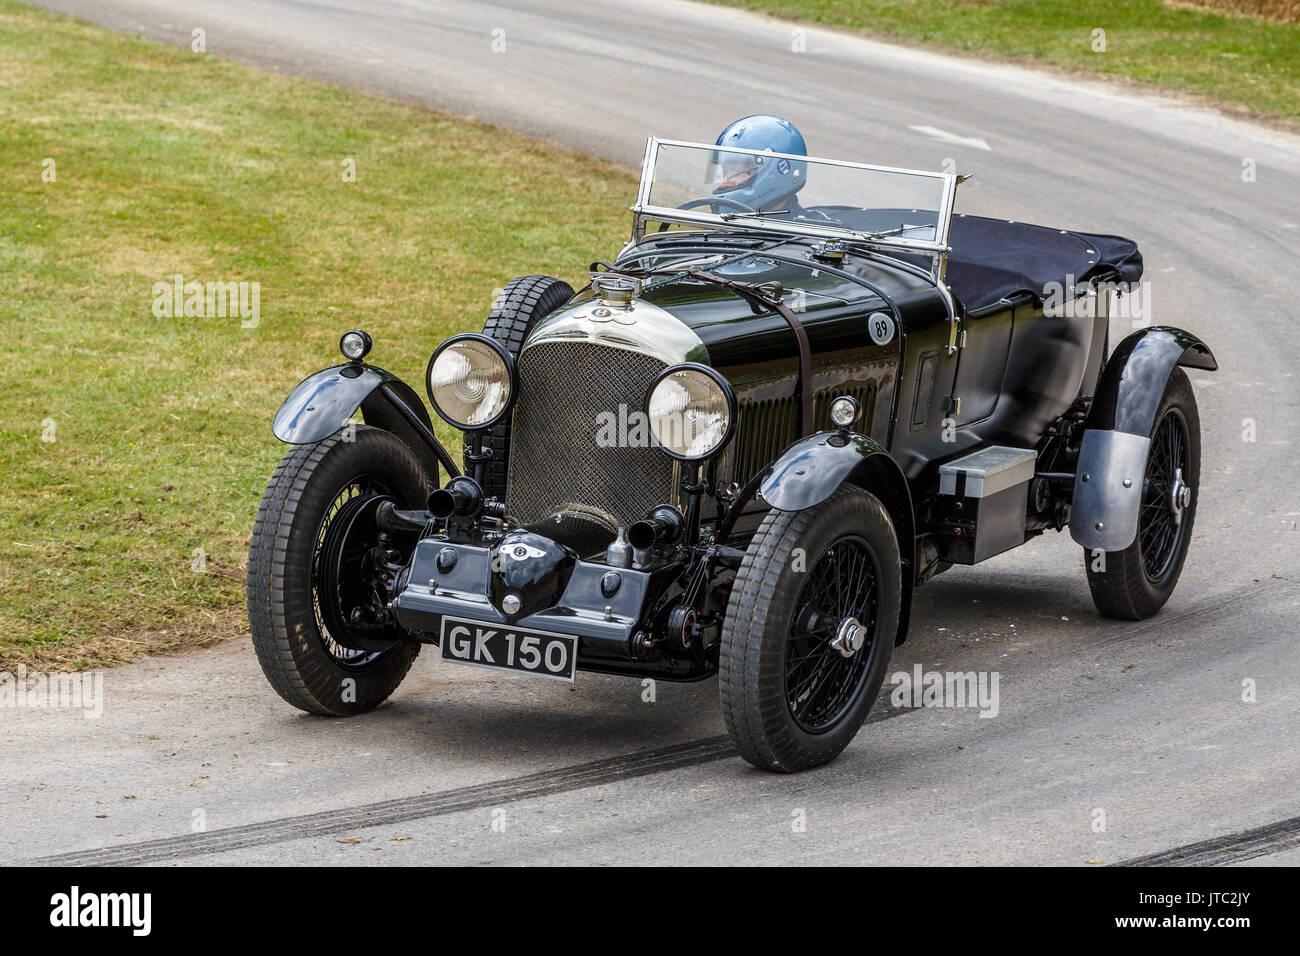 Supercharged Bentley Stock Photos & Supercharged Bentley Stock